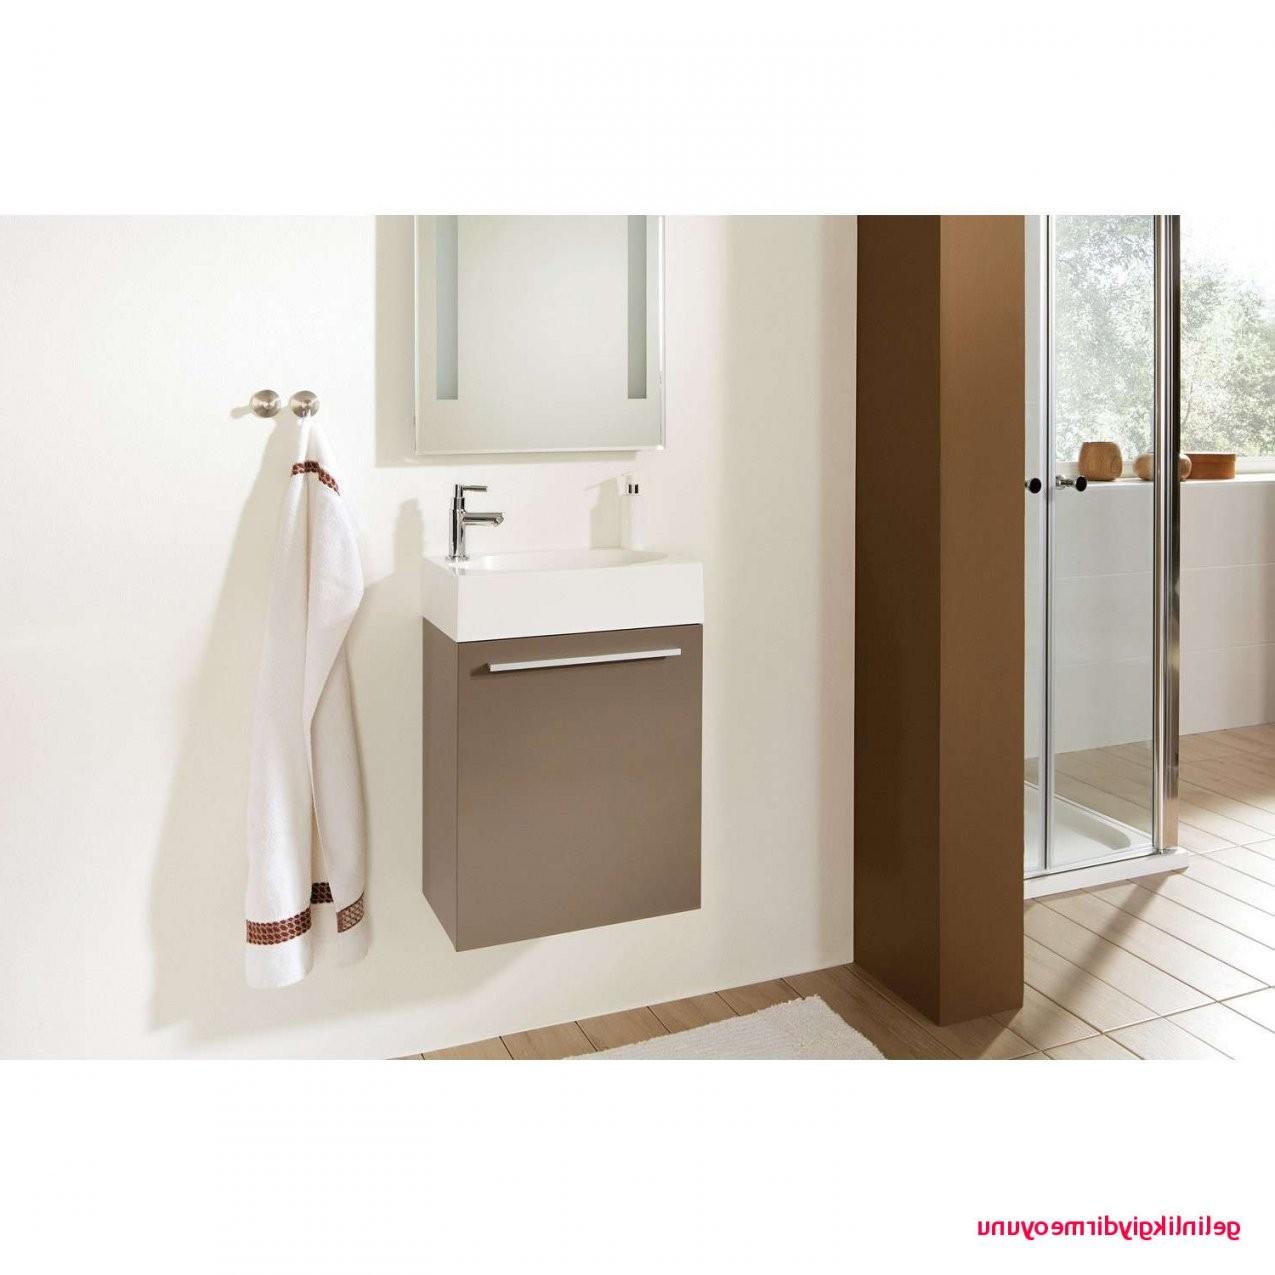 23 Einzigartig Küchen Unterschrank Schmal Motiv Bad Waschbecken Höhe von Höhe Waschbecken Bad Photo